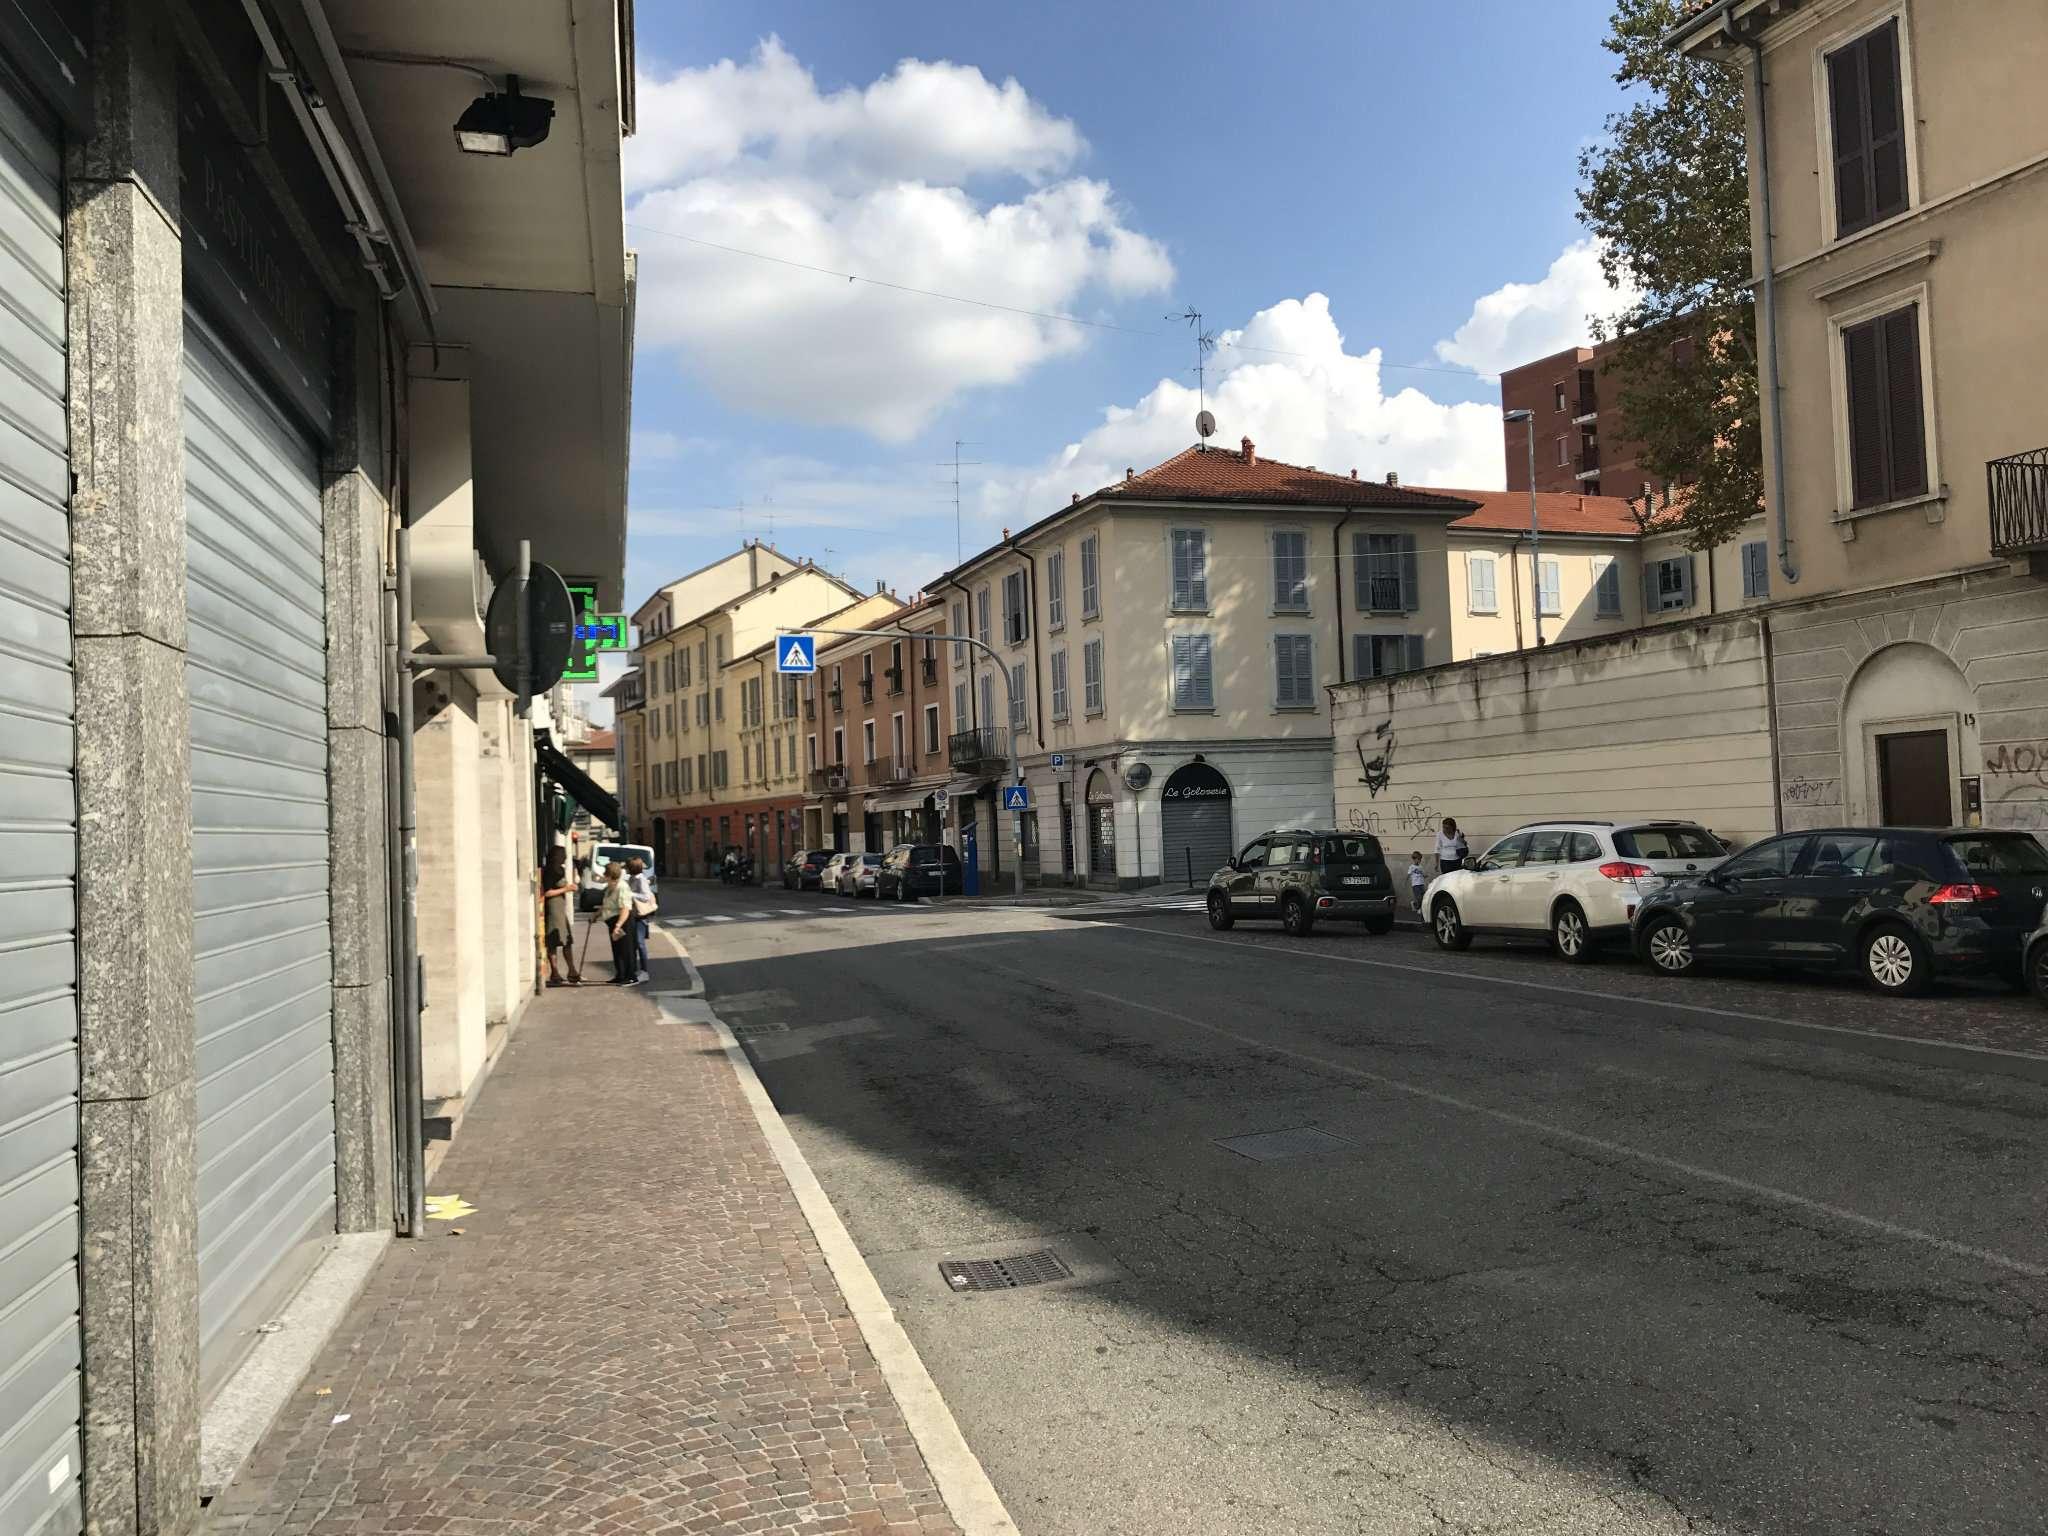 Negozio / Locale in affitto a Monza, 1 locali, zona Zona: 7 . San Biagio, Cazzaniga, prezzo € 950   CambioCasa.it